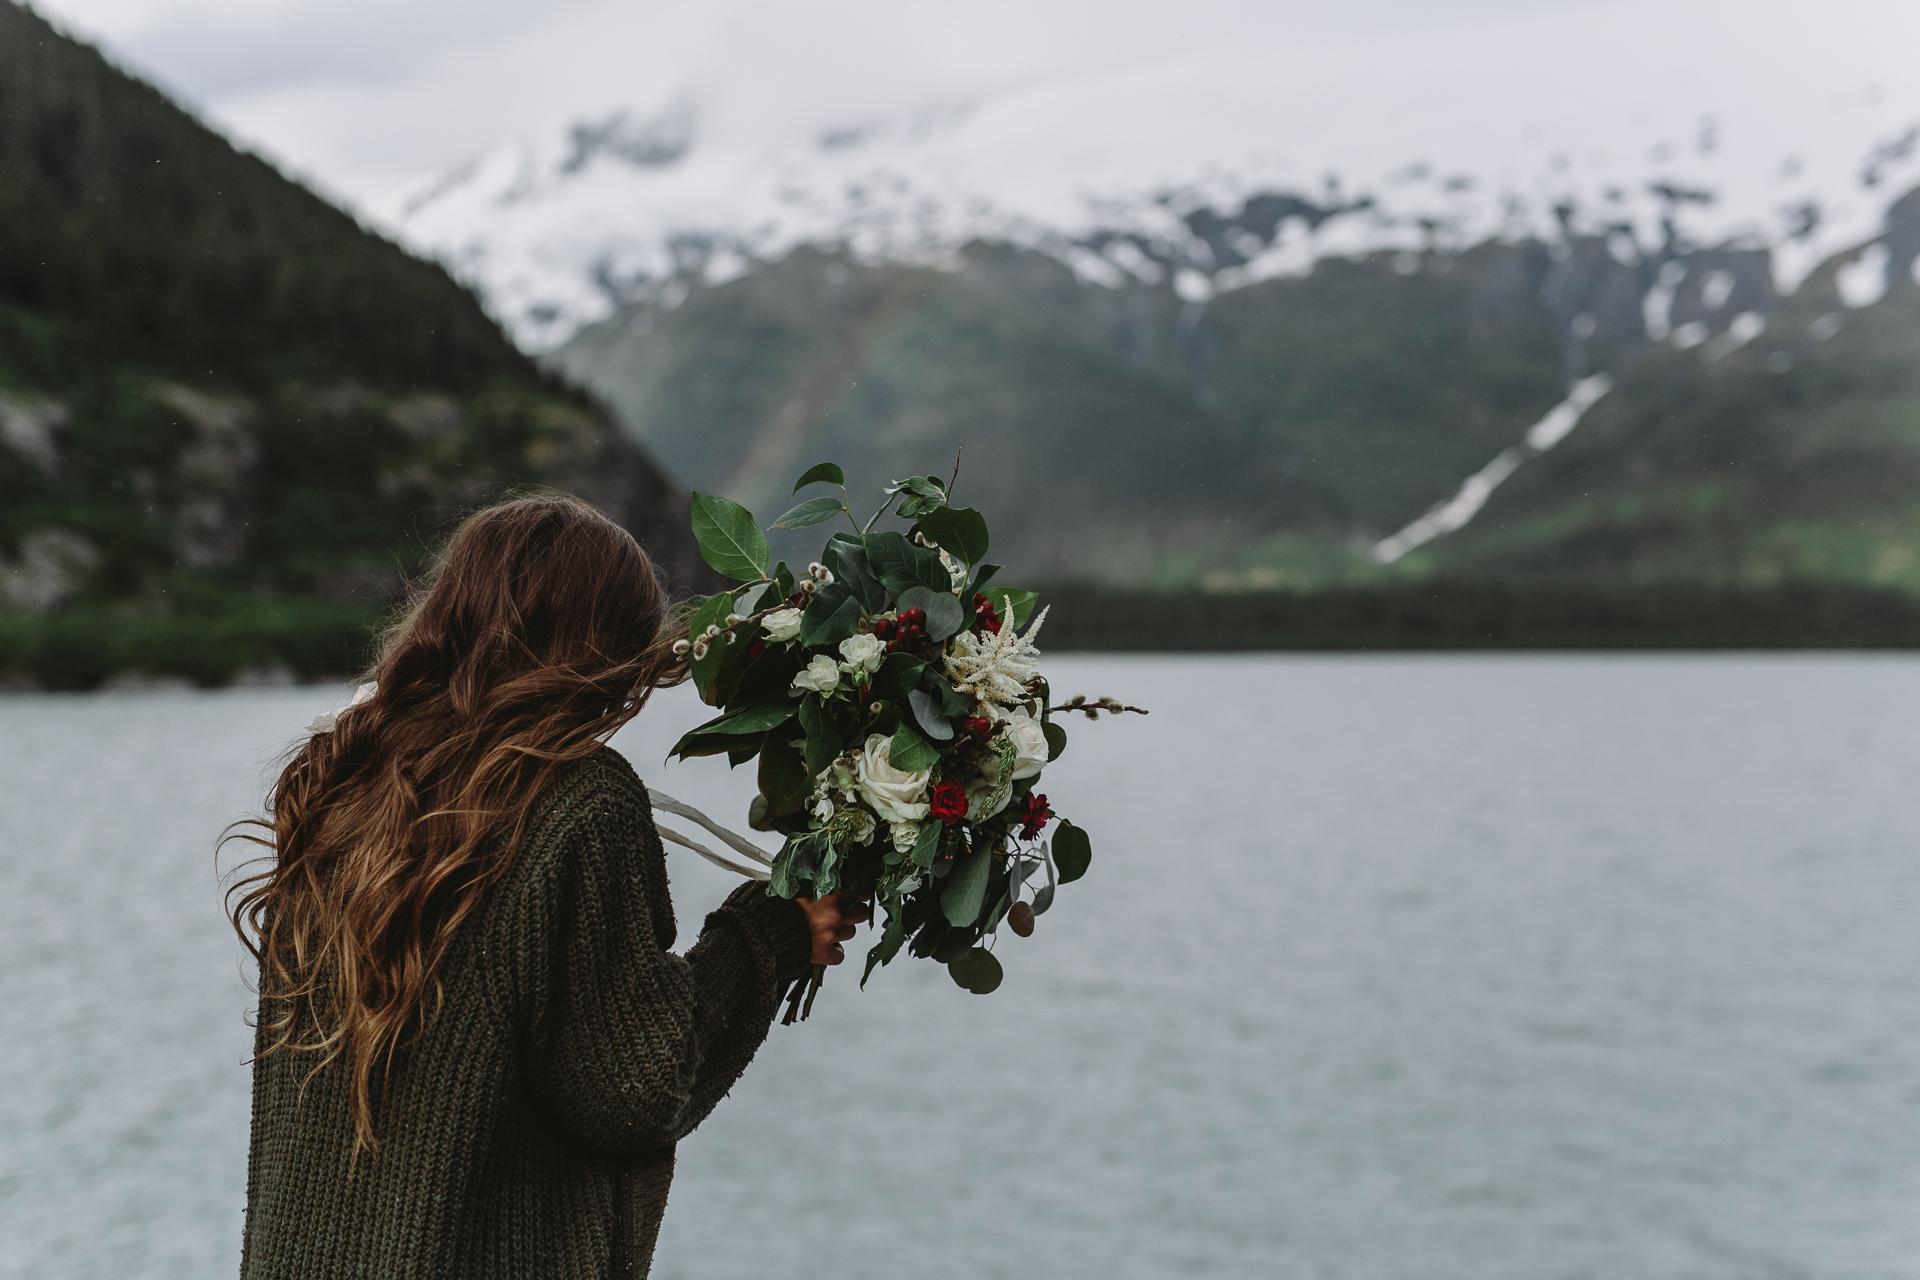 jess-hunter-photographer-alaska-destination-elopement-5797.jpg